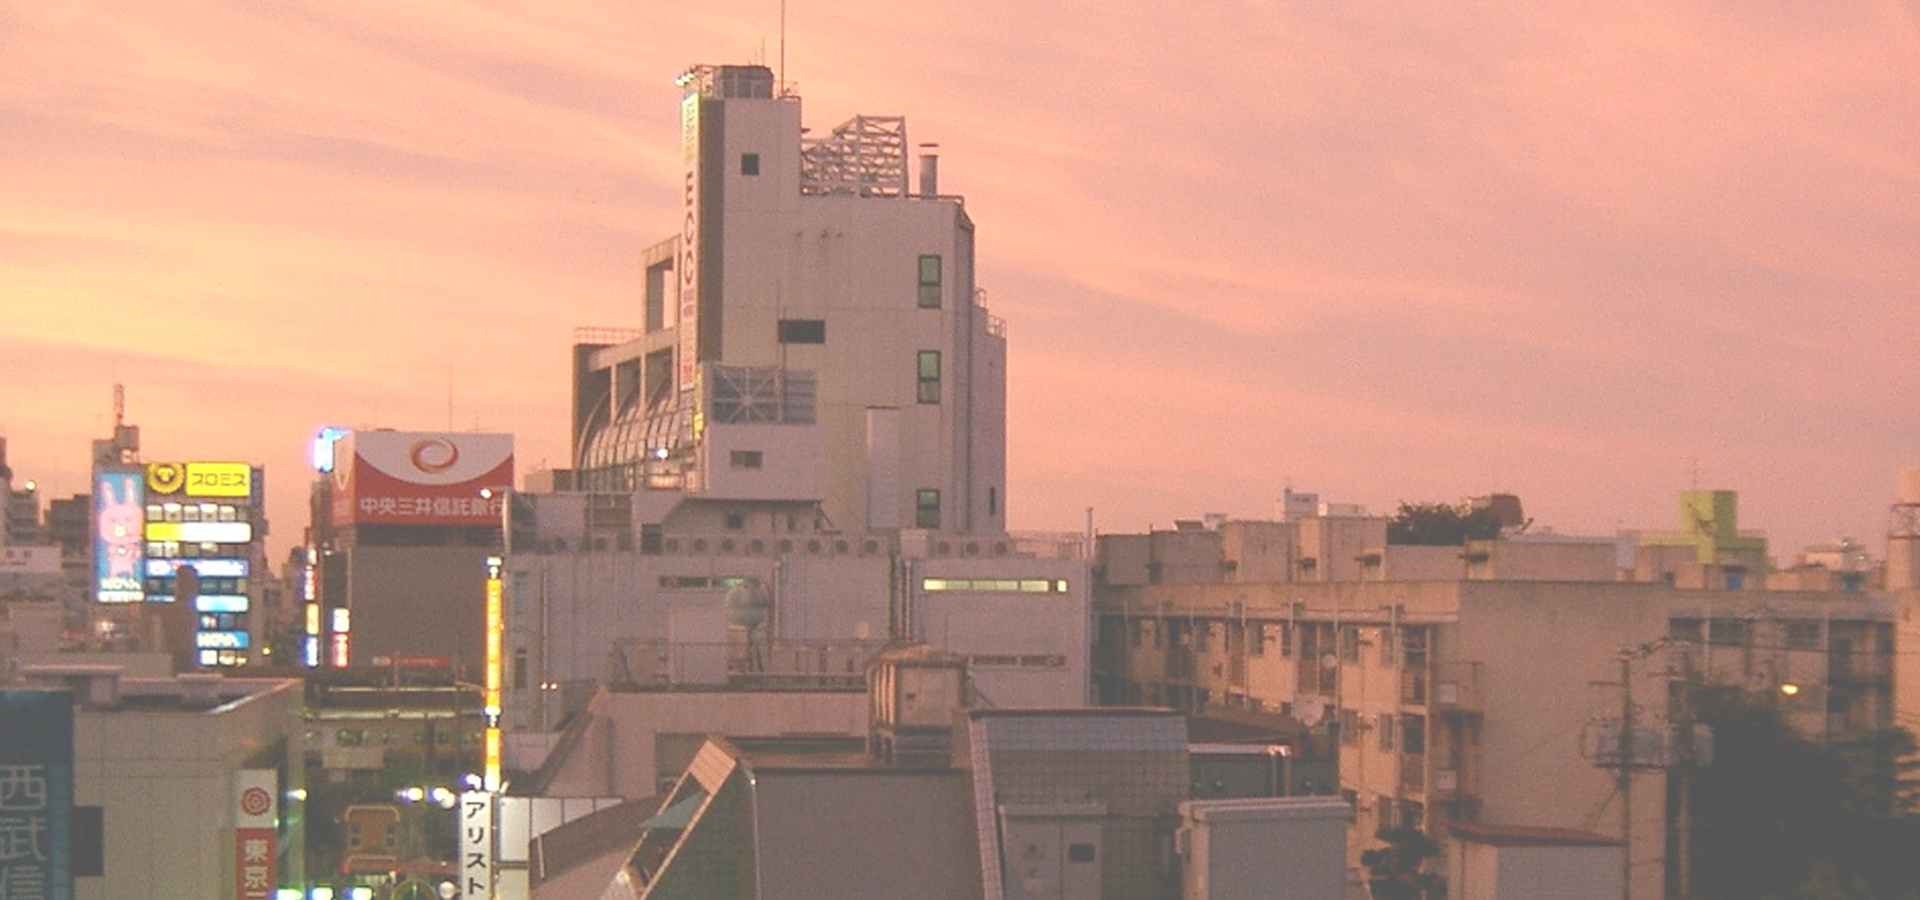 <b>Nakano, The Tōkyō Region, Kantō Region, Japan</b>